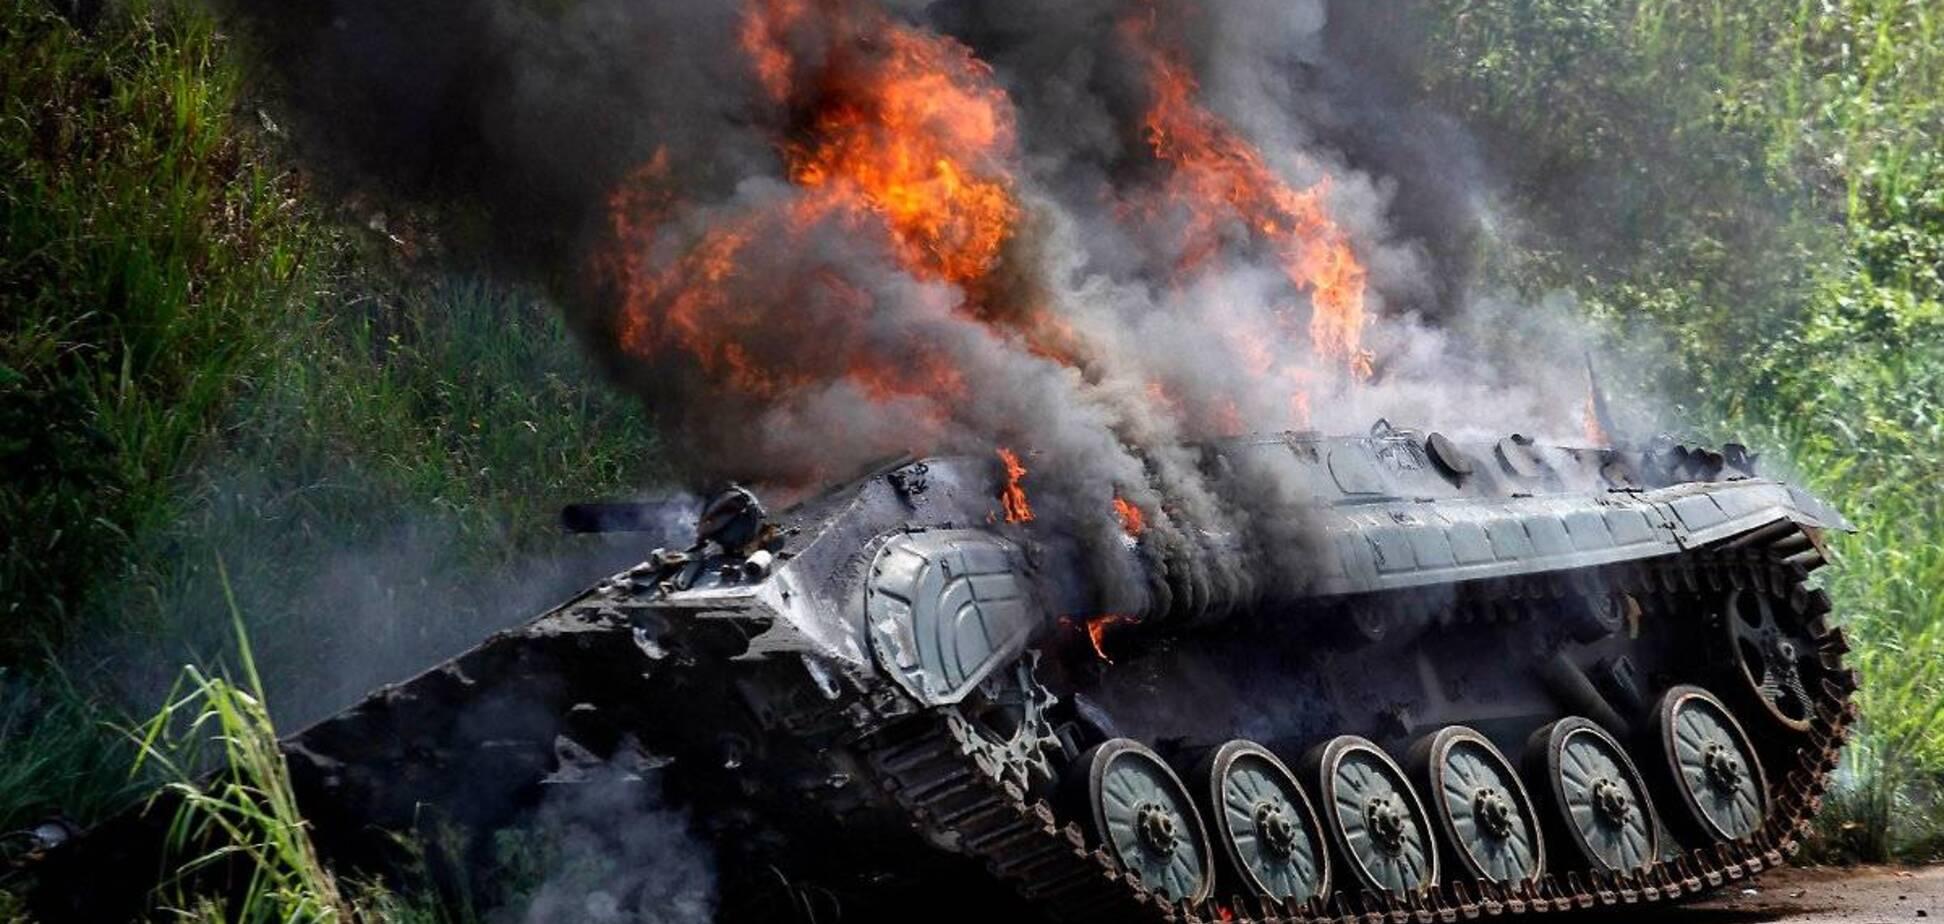 Бійці ОС знищили БМП путінських терористів: з'явилося відео